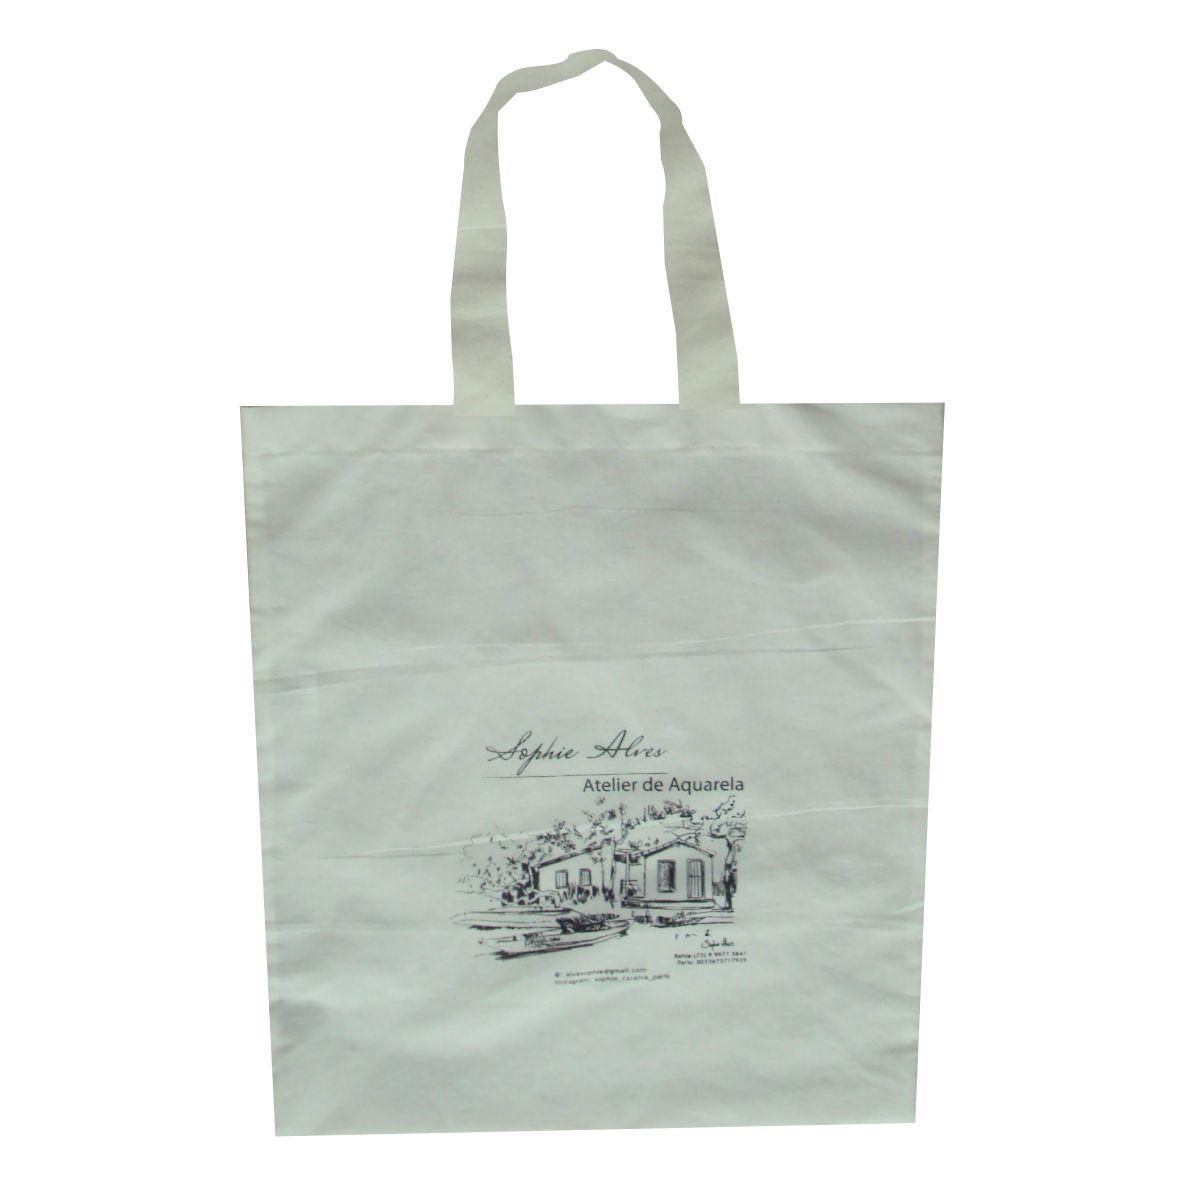 Sacola Eco Bag de algodão cru - 100 unid